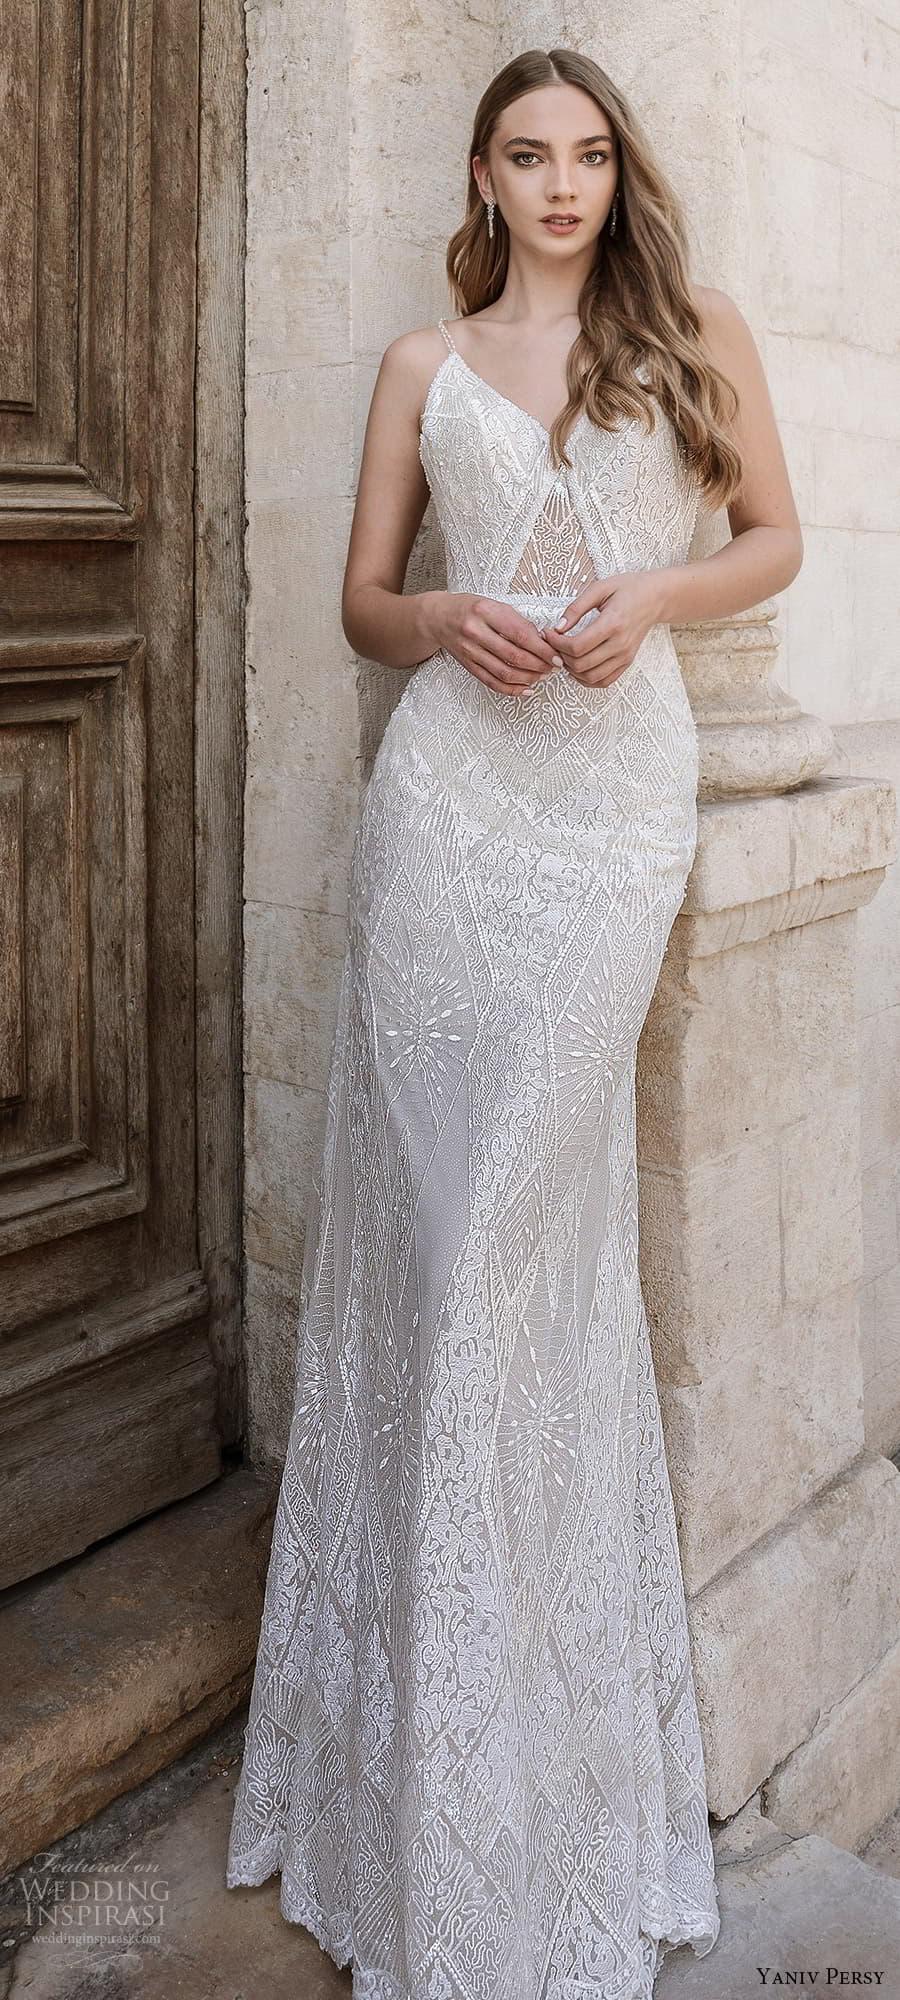 yaniv persy spring 2022 bridal sleeveless straps v neckline fully embellished sheath wedding dress (4) lv